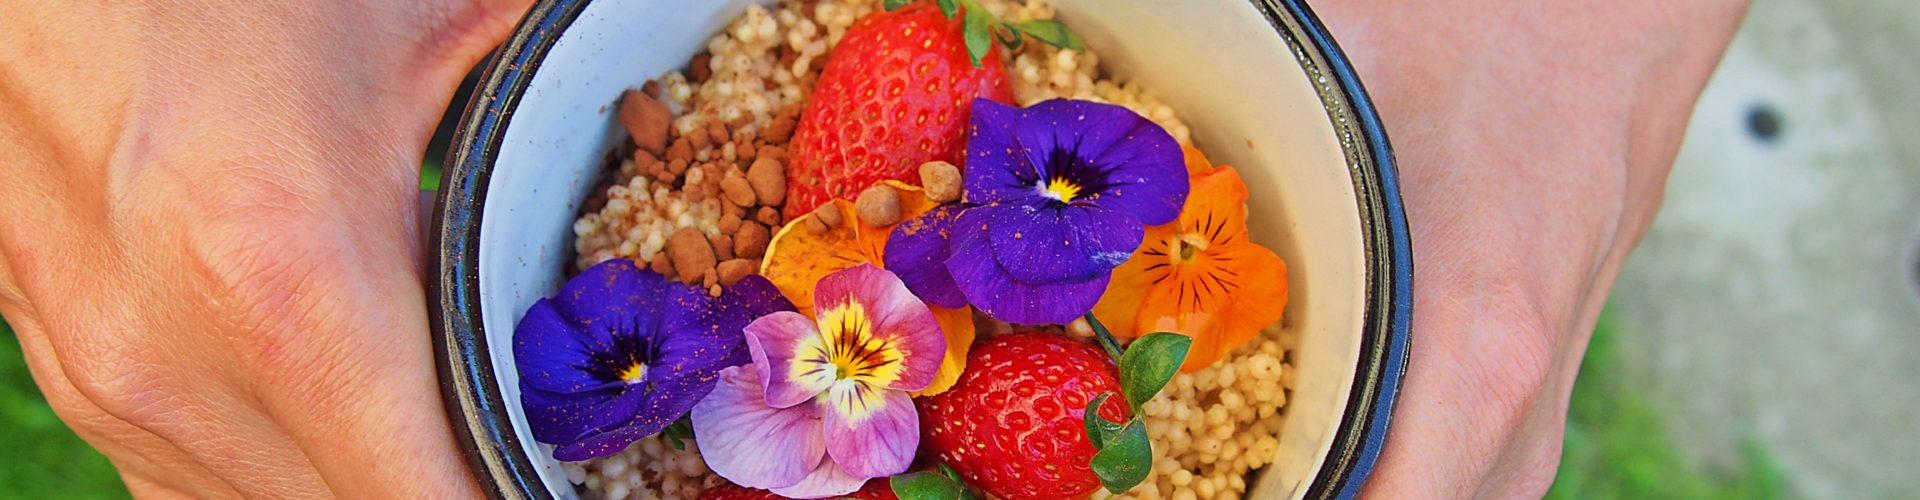 Hit letošního jara! Jedlé kytky!